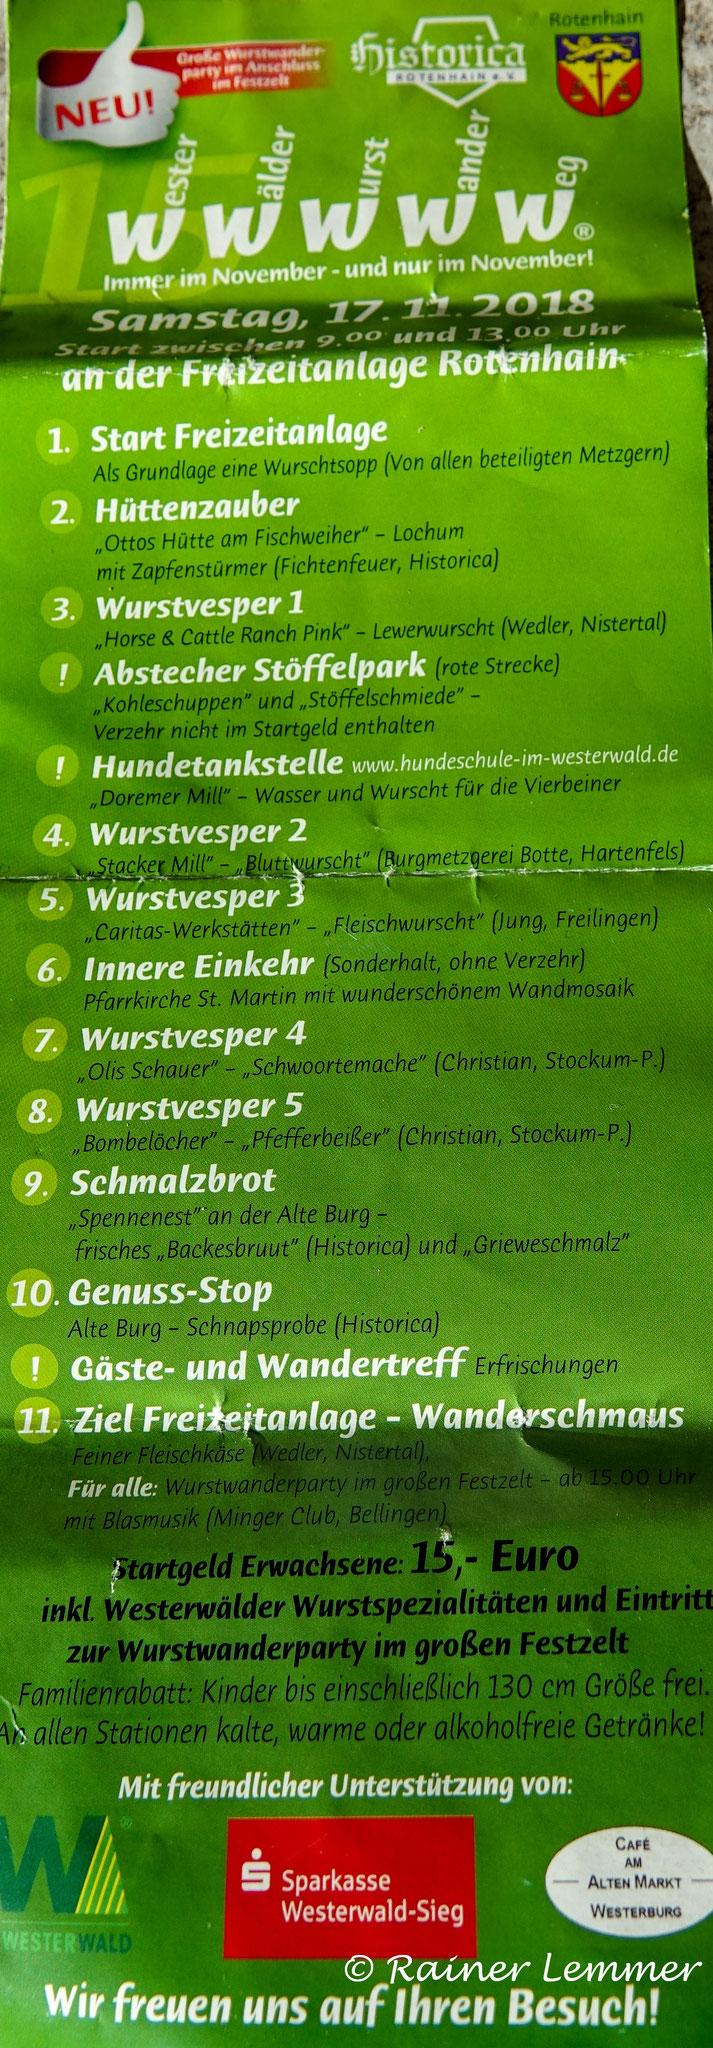 Startkarte WWWWW